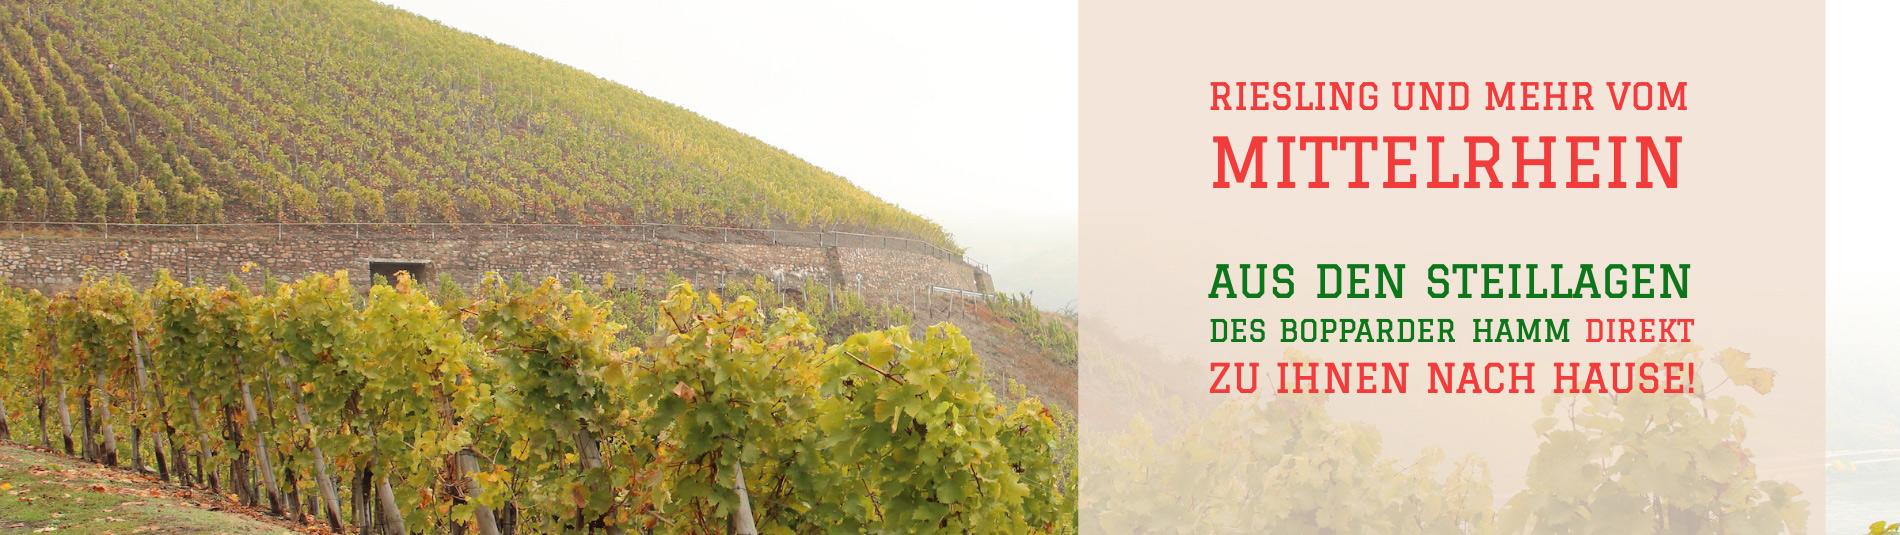 Wein vom Mittelrhein